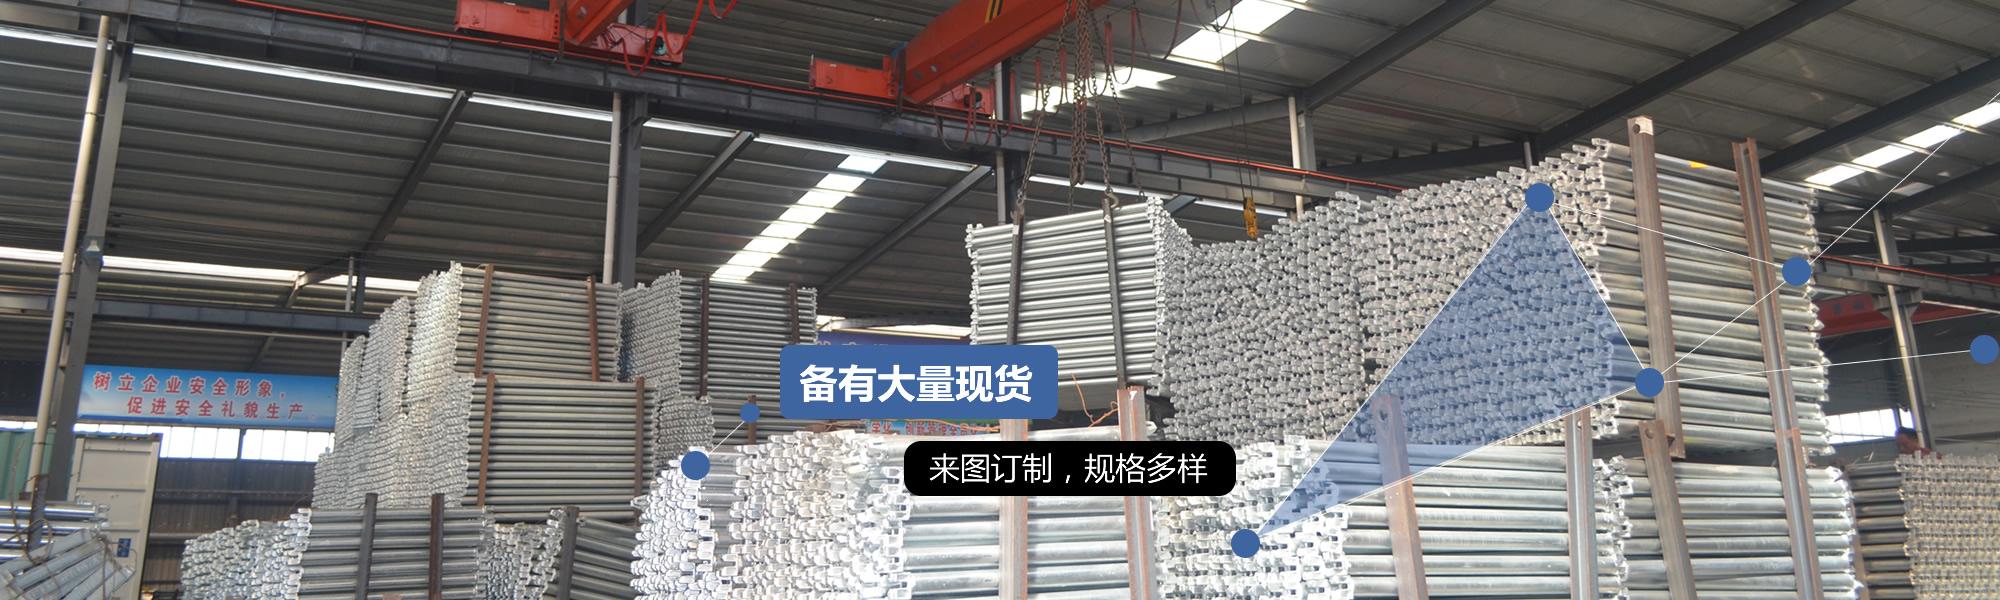 鑫良建筑器材制造有限公司